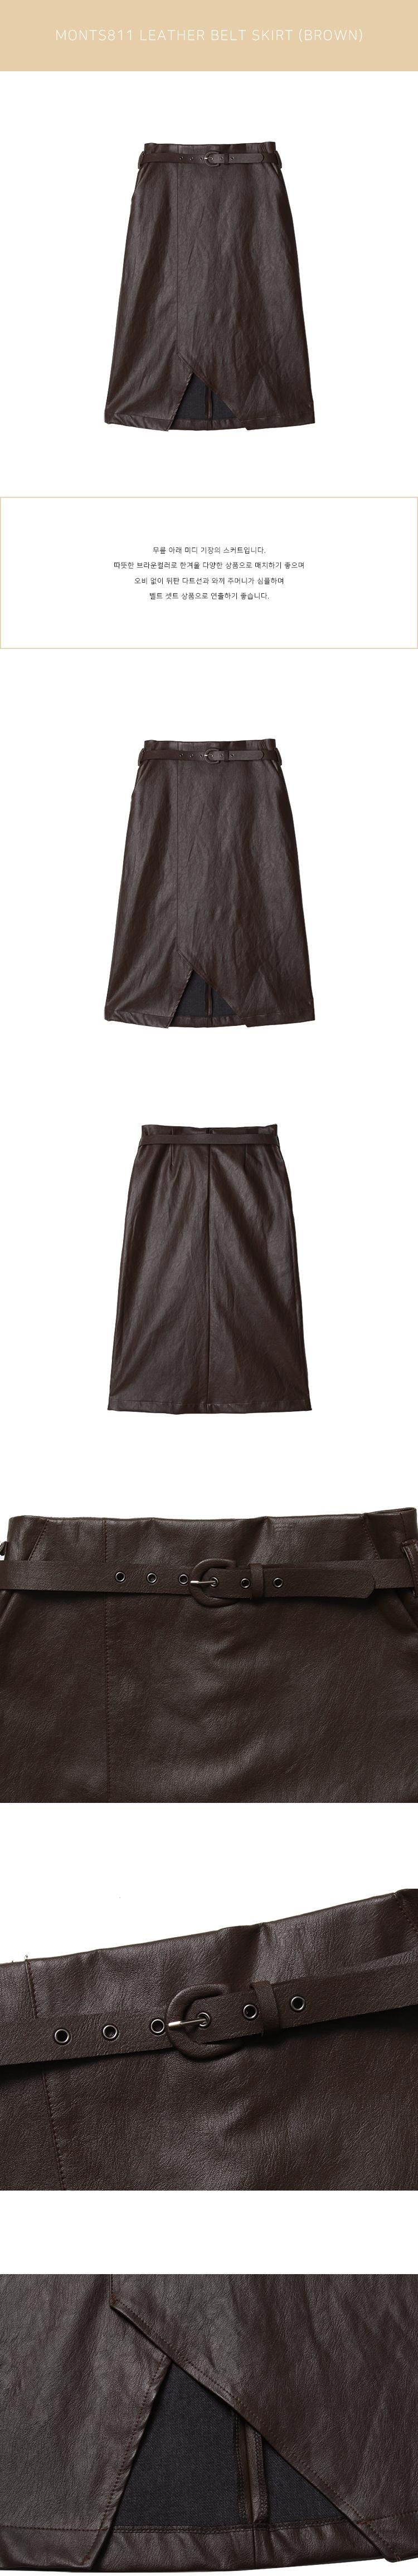 몬츠(MONTS) 811 leather belt skirt (brown)